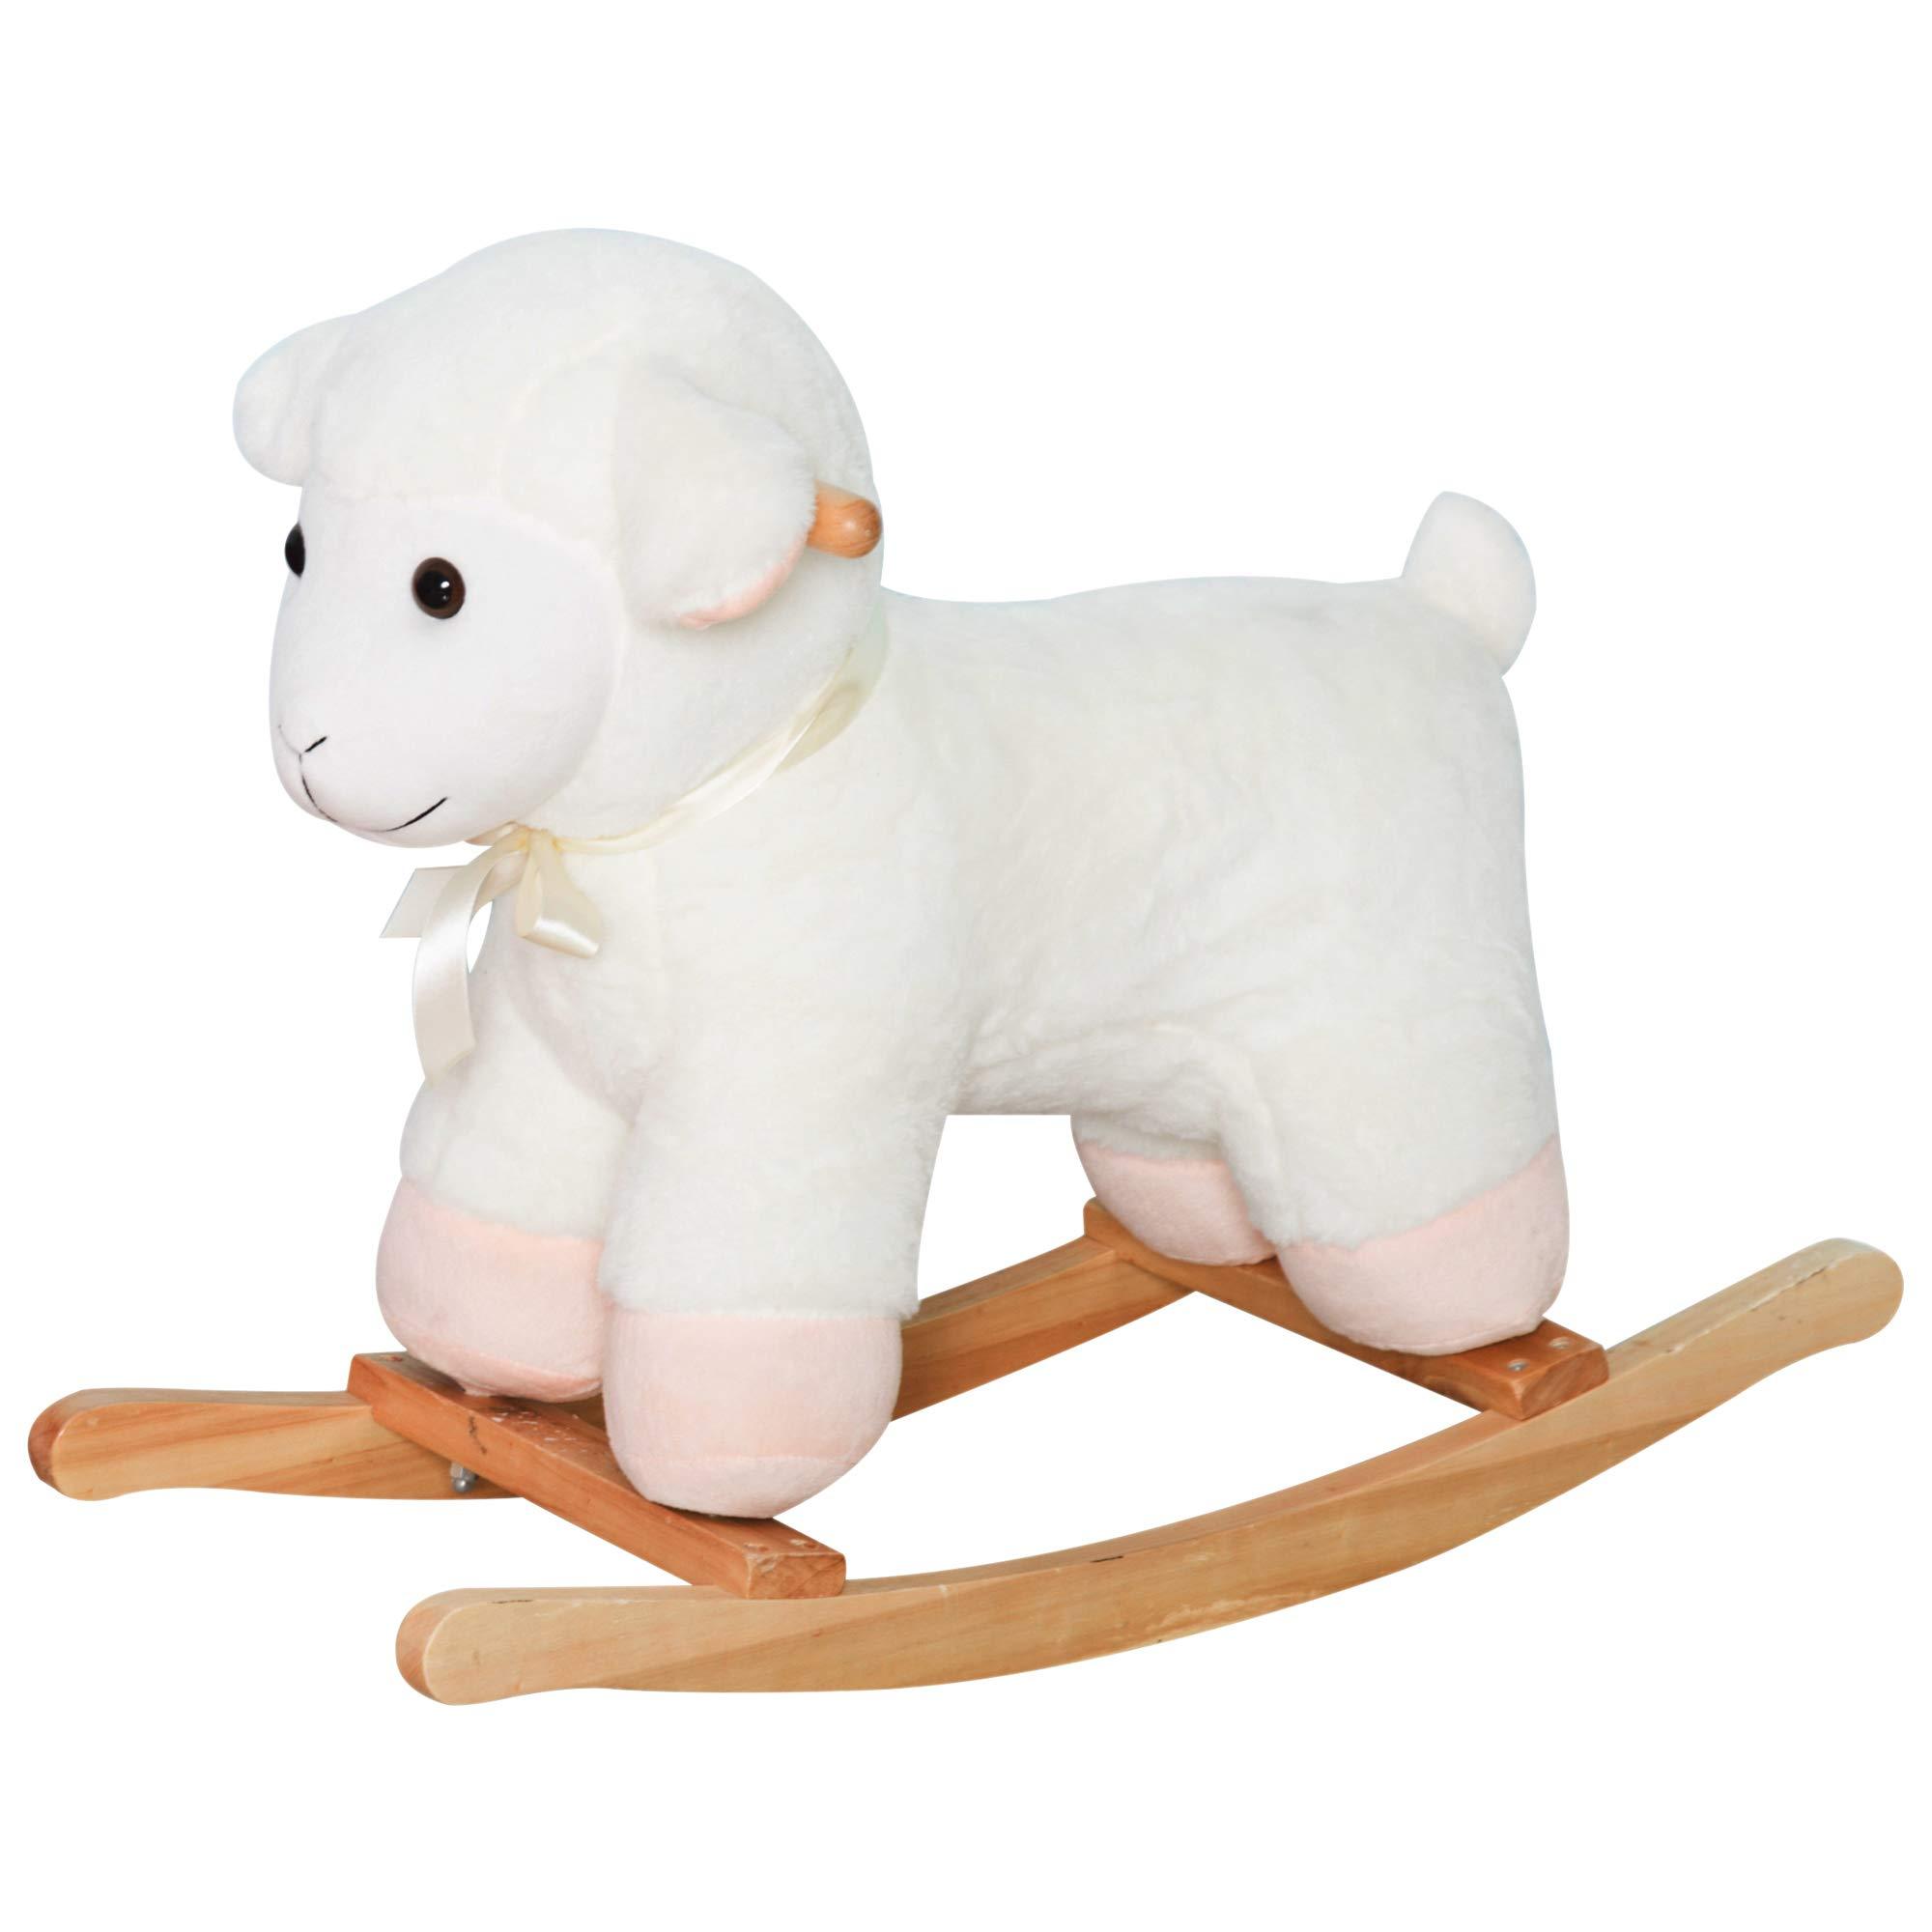 Qaba Kids Playtime Plush Rocking Sheep Lamb Toy Ride on Rocker